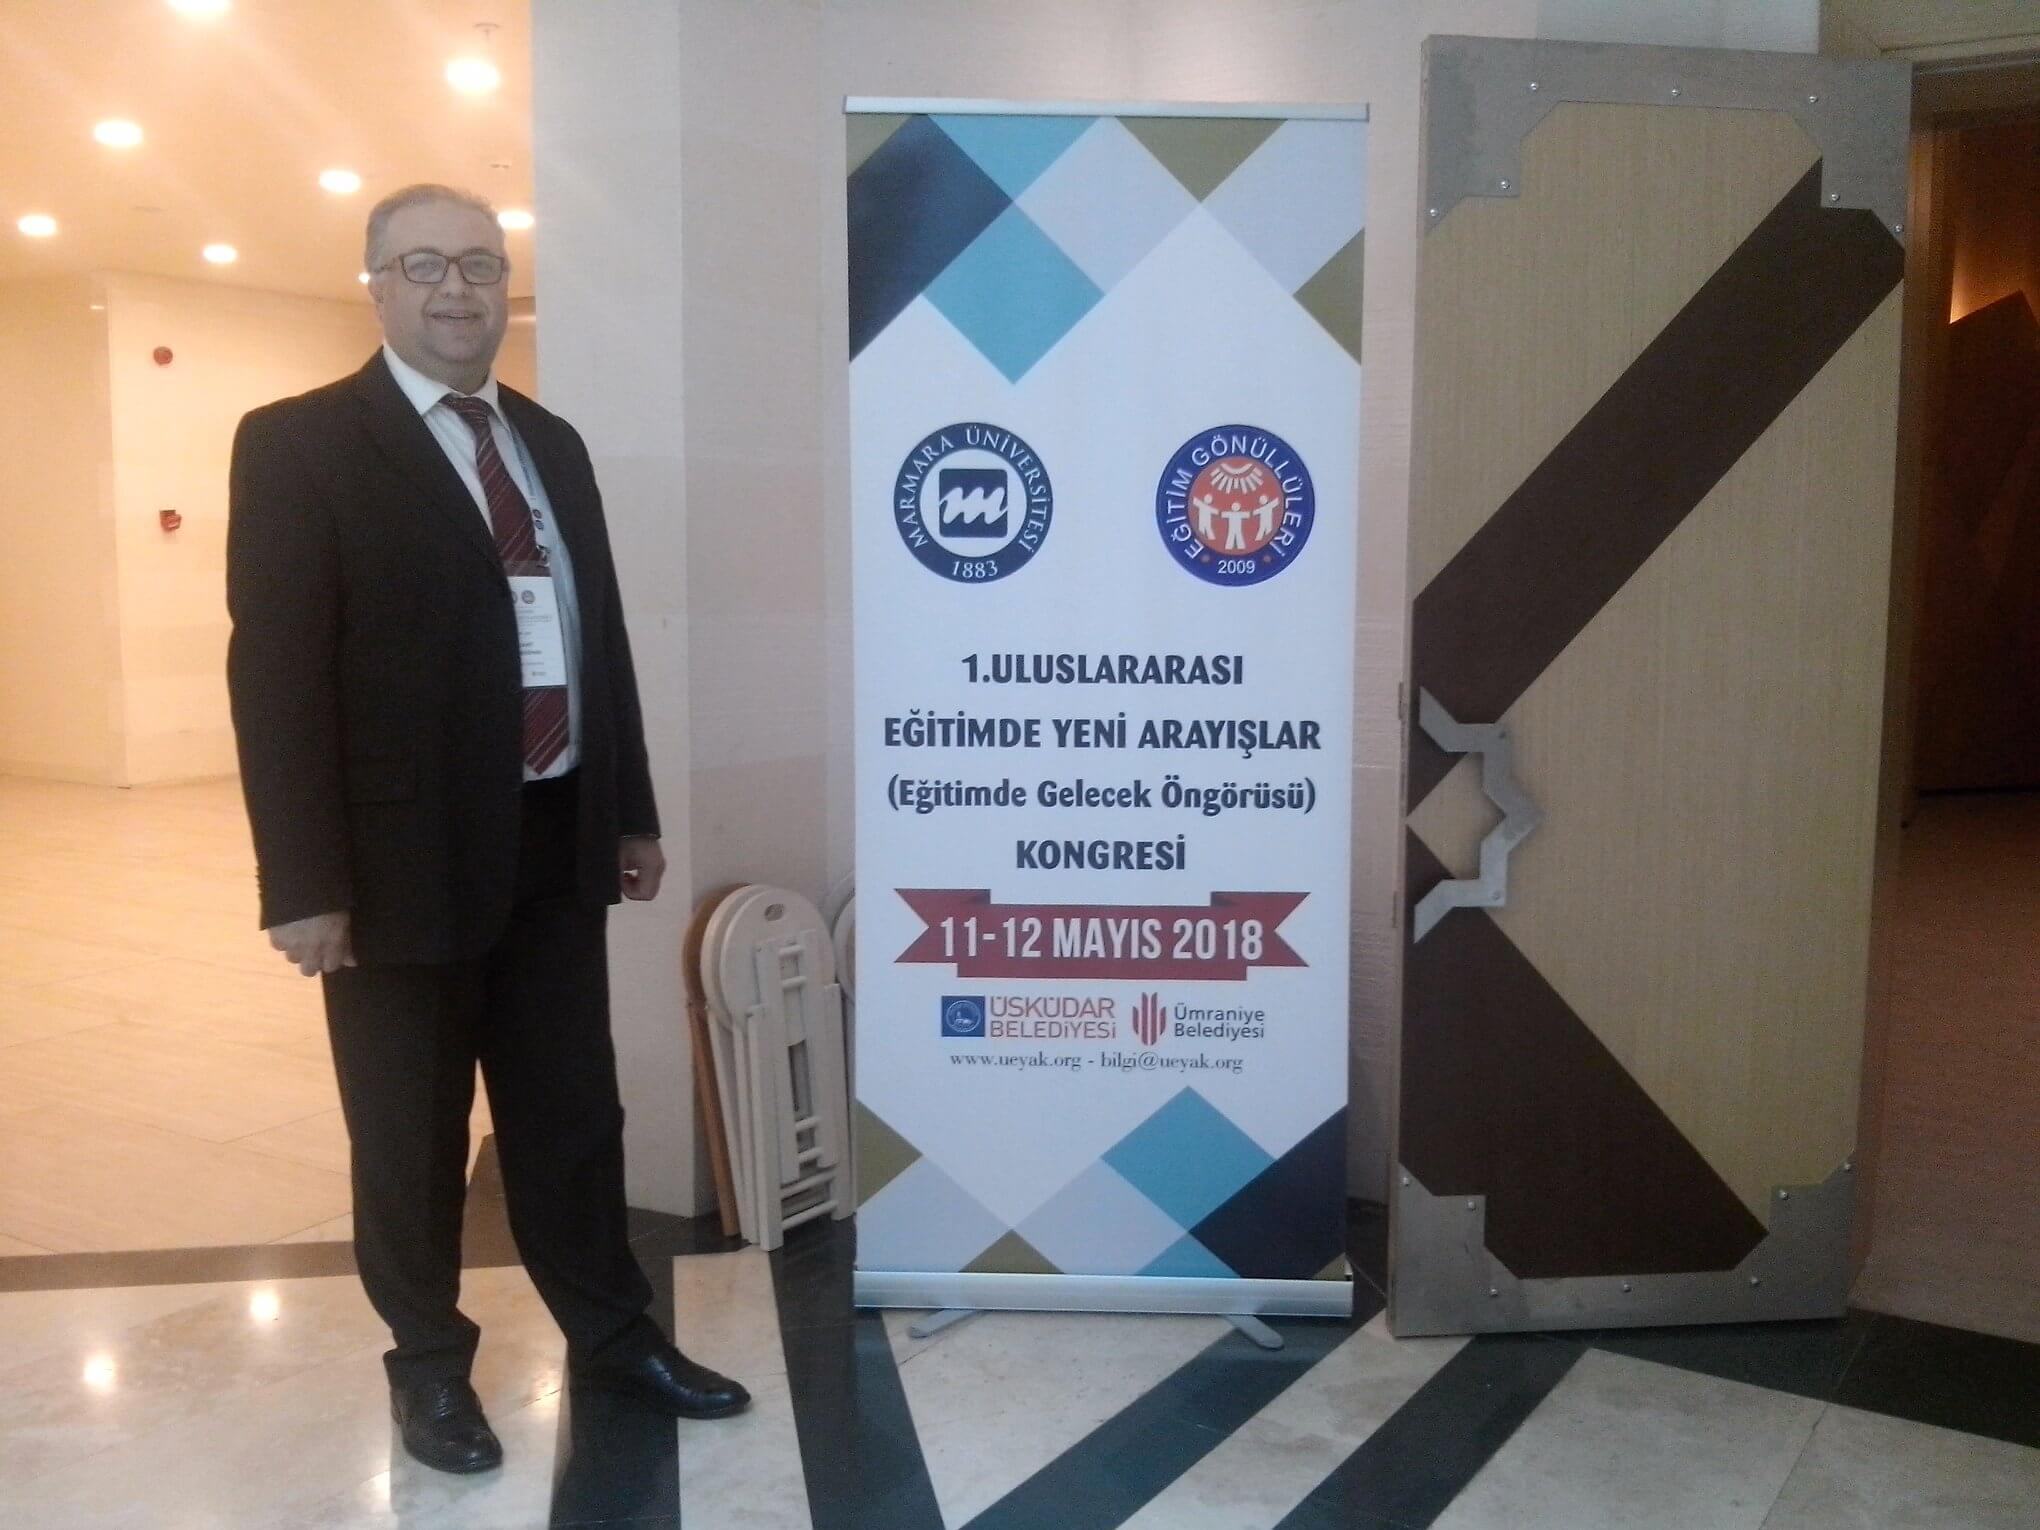 Birinci Uluslararası Eğitimde Yeni Arayışlar Kongresi